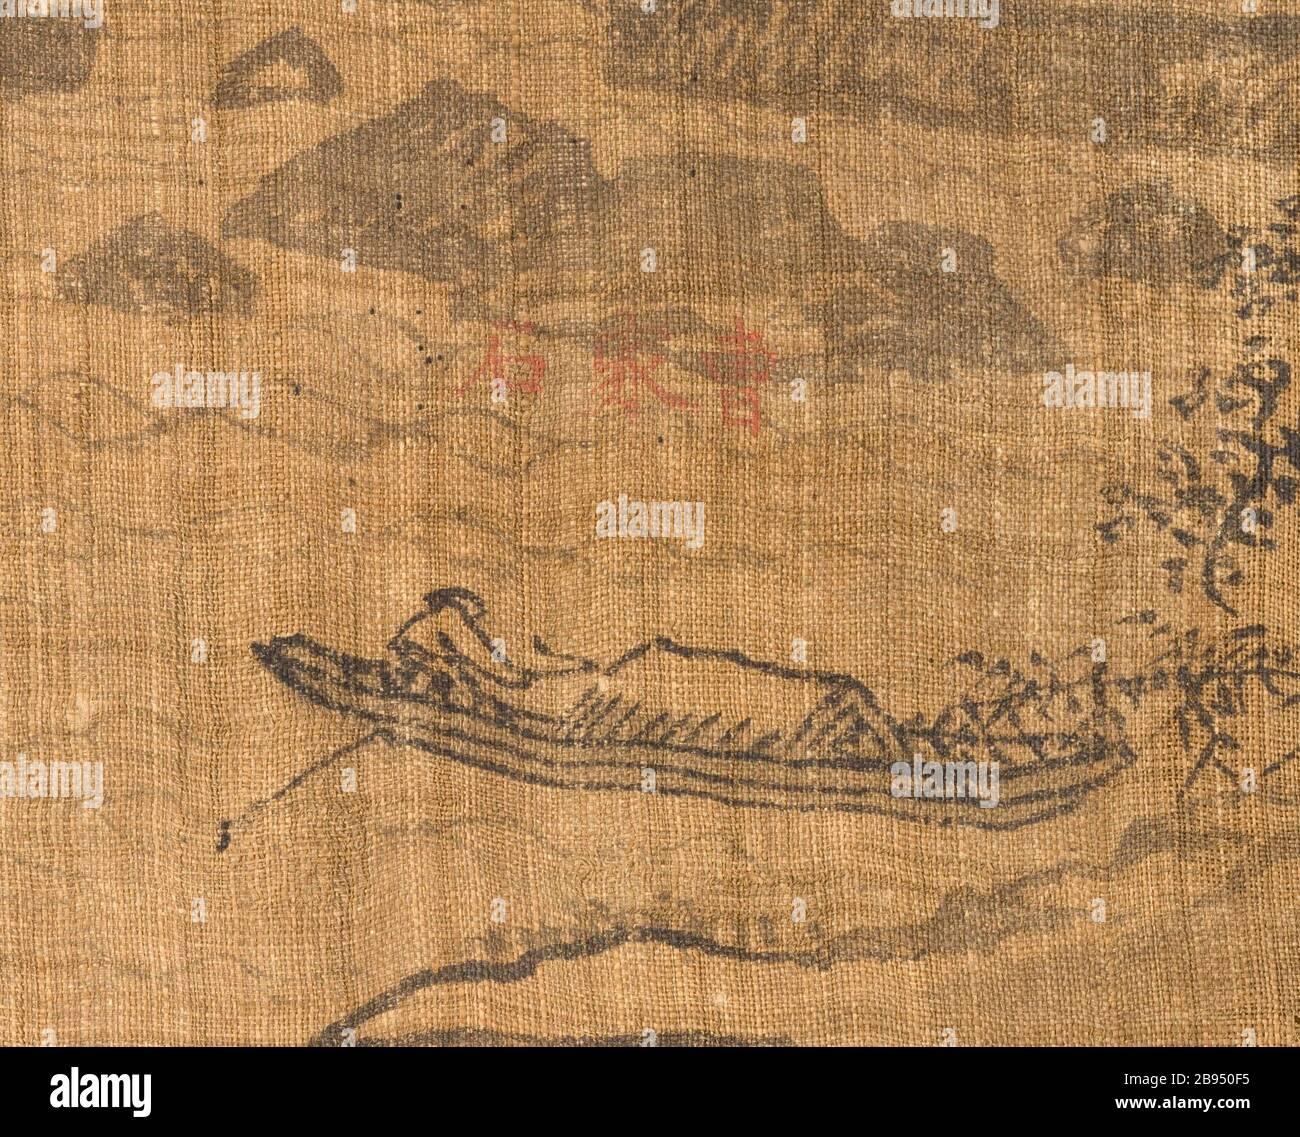 """""""La sesta delle nove pieghe a monte Wuyi, Cina (immagine 2 di 5); inglese: Corea, Coreano, dinastia Joseon (1392-1910), dipinti del XVII secolo appeso scorrere, inchiostro su di ramiè o la canapa immagine: 20 3/4 x 23 1/8 in. (52,71 x 58.74 cm); Montaggio: 48 3/4 x 25 in. (123.83 x 63,5 cm); il rullo: 27 1/4 in. (69.22 cm) acquistati con fondi del museo (M.2000.15.20) arte coreana; xvii secolo data QS:P571,+1650-00-00T00:00:00Z/7; ' Foto Stock"""